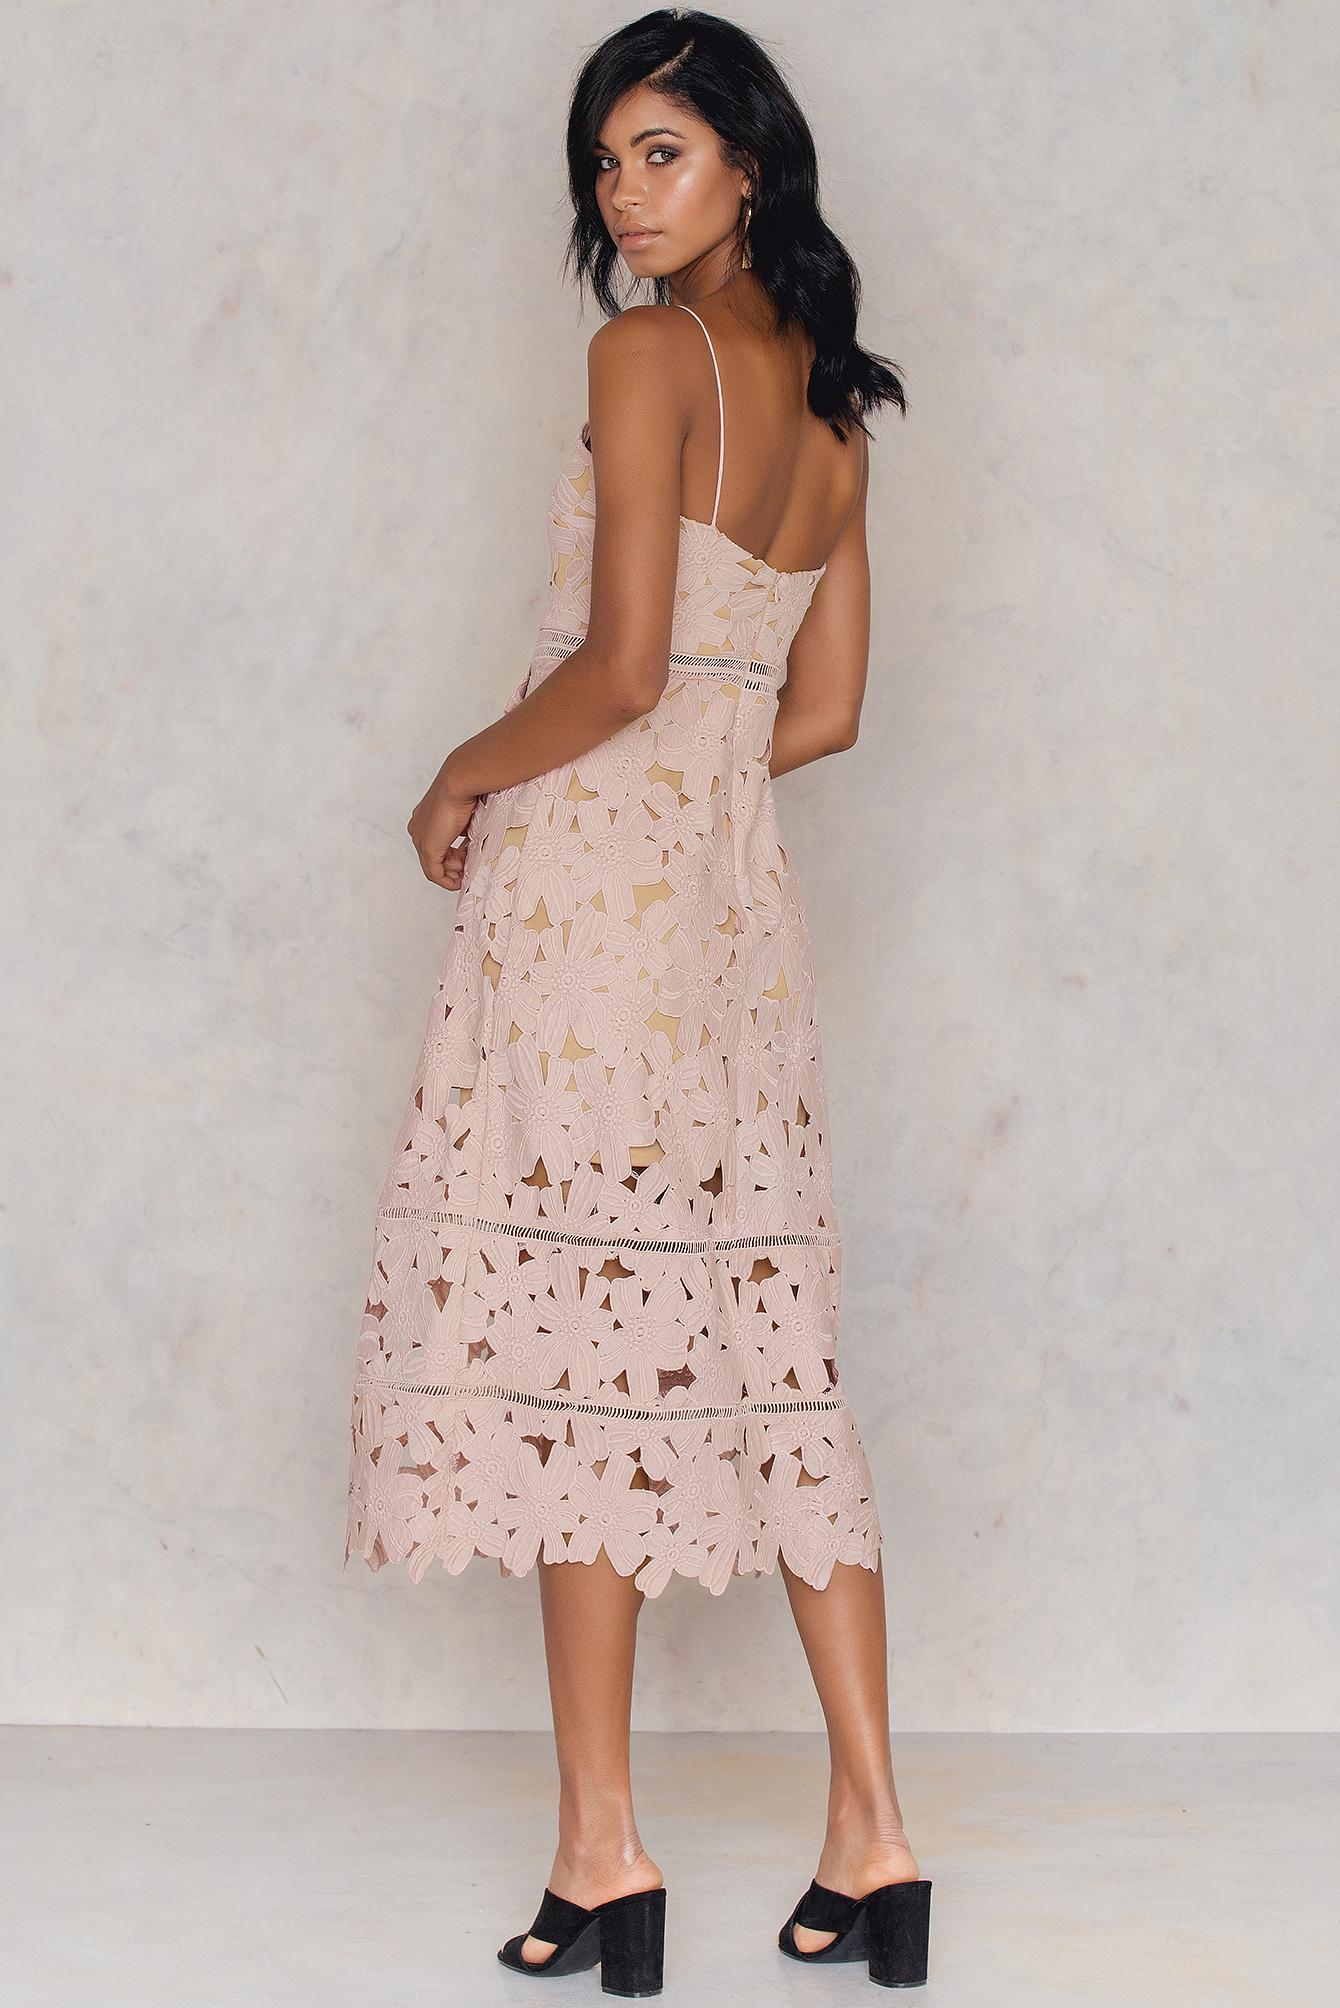 NA-KD - Lace Strap Back Dress | Dresses, Dress backs